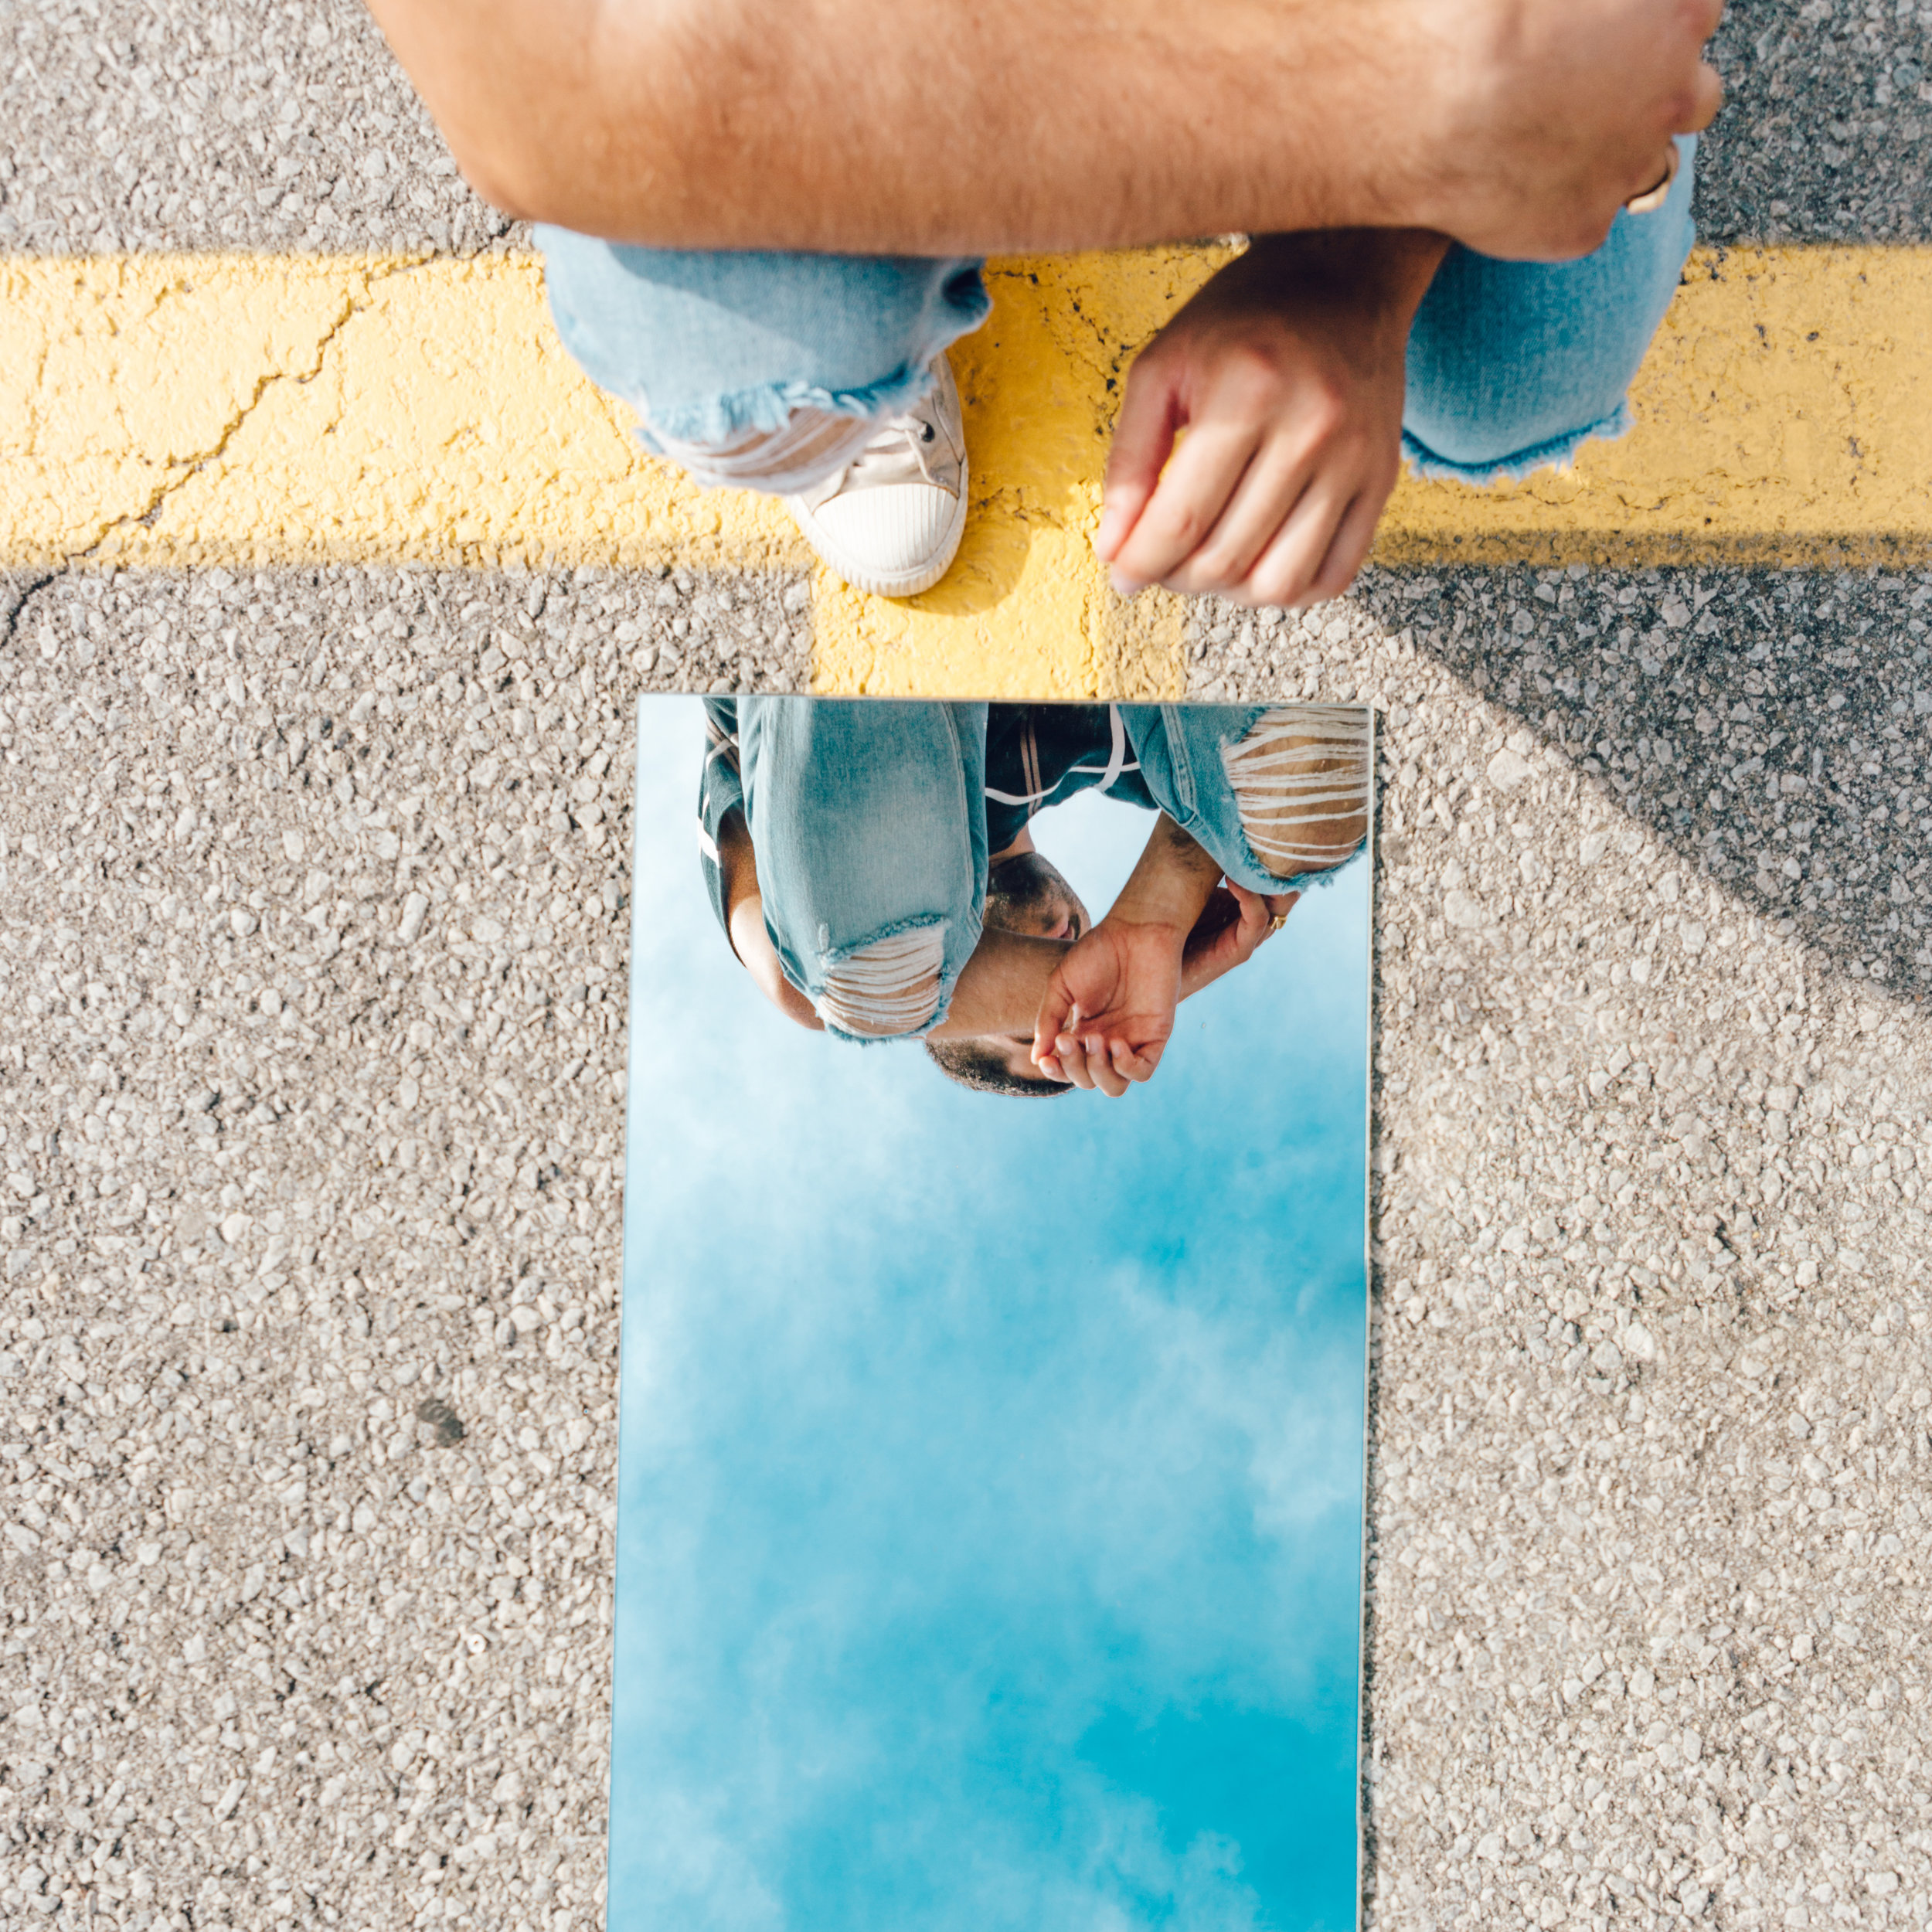 AboveAll-IMG-21.jpg